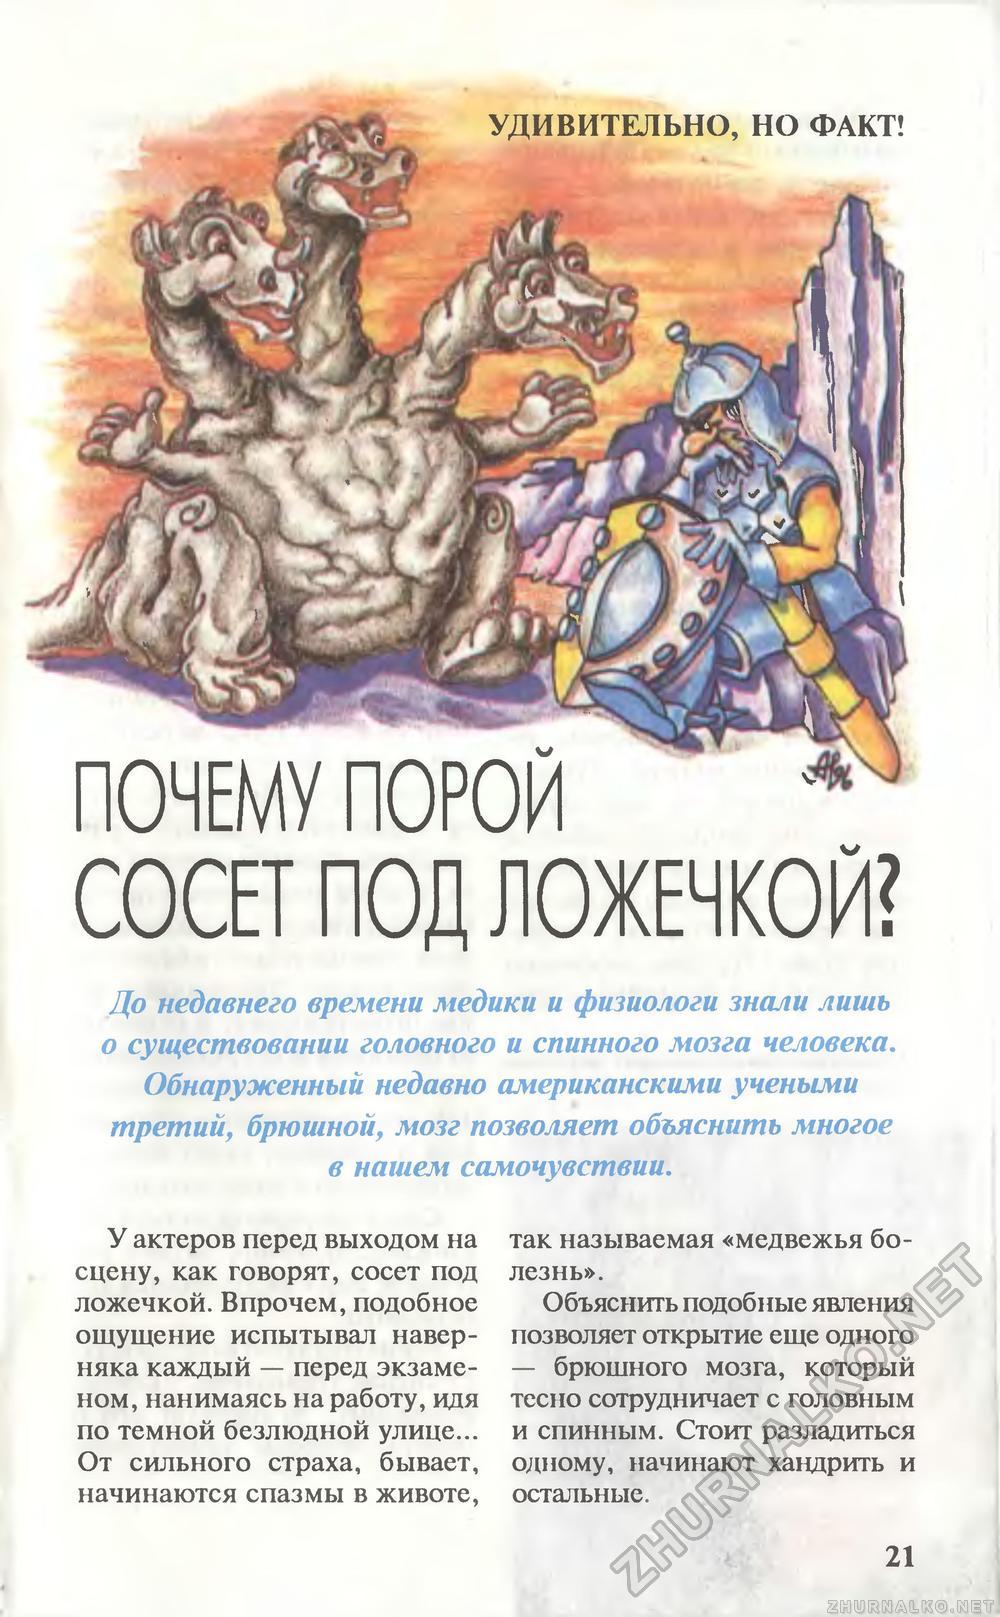 soset-pod-lozhechkoy-eto-gde